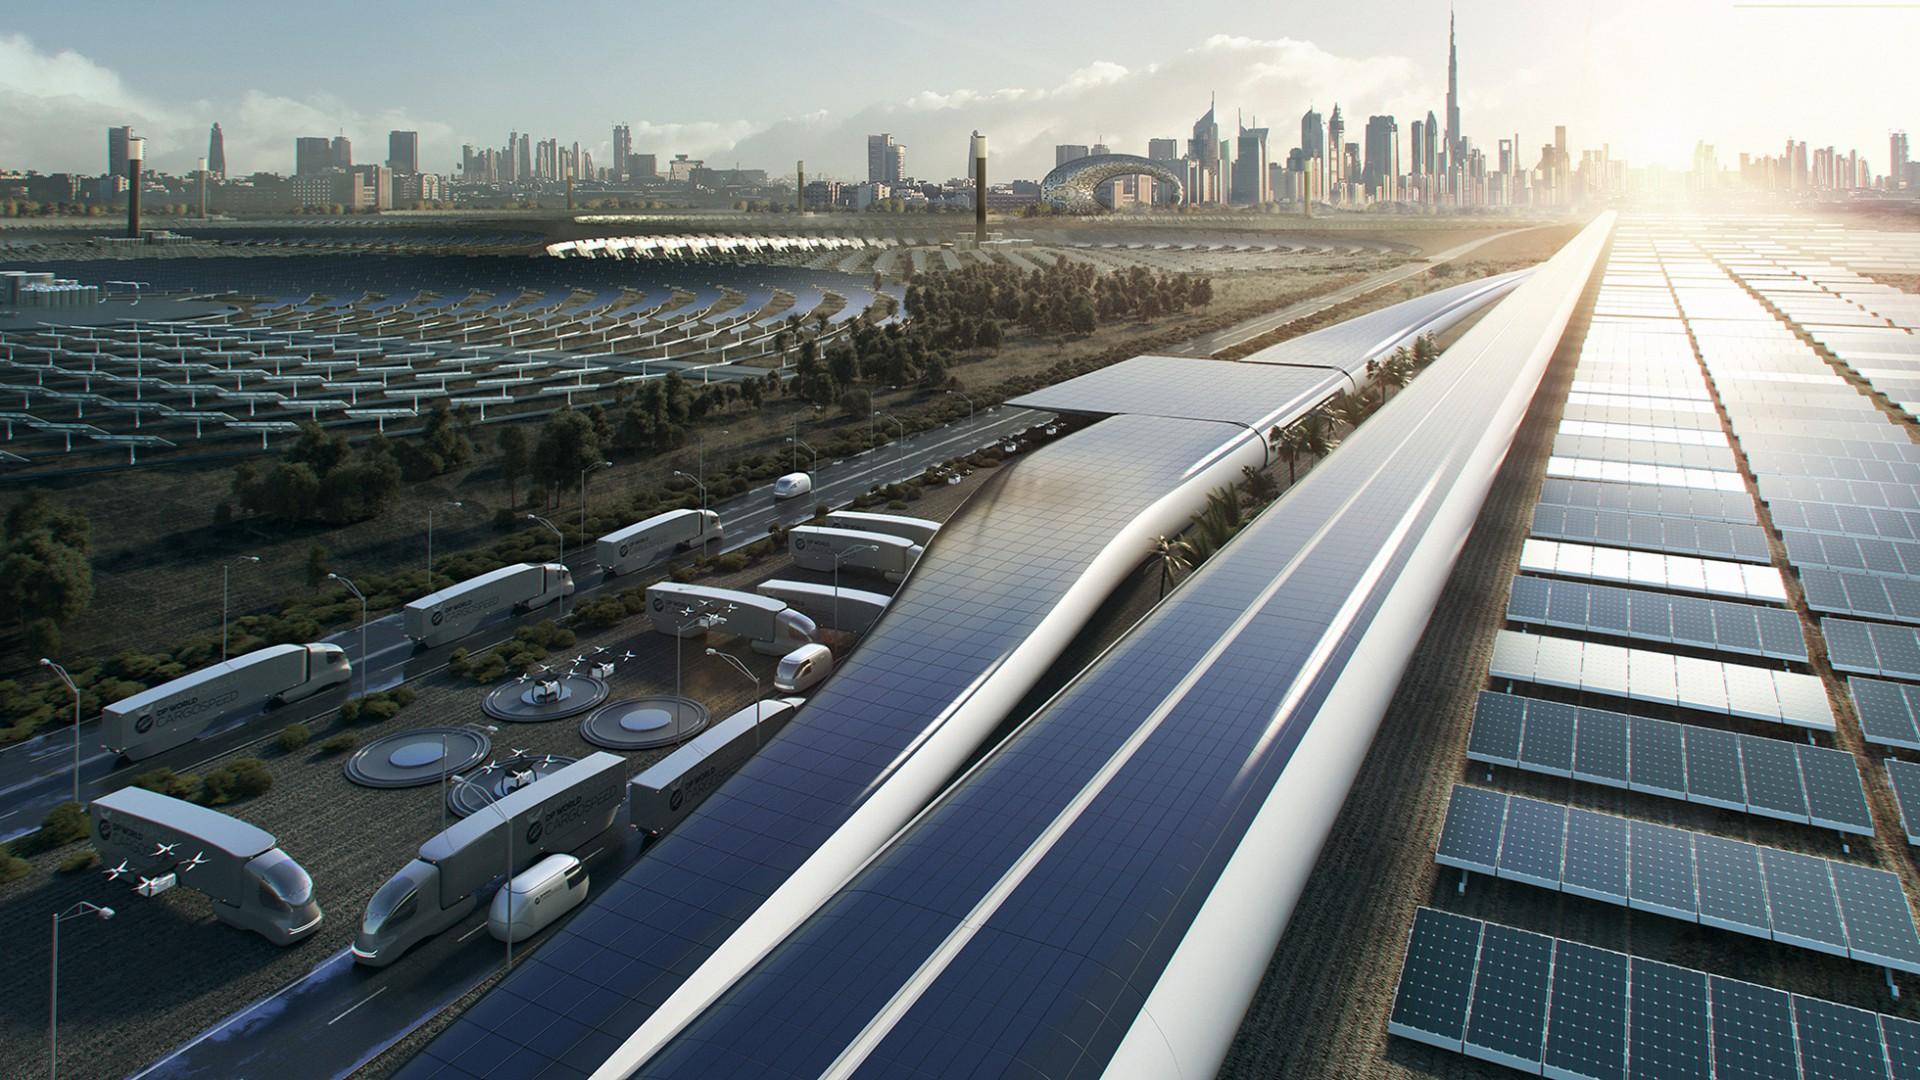 Hyperloop cargospeed transportation